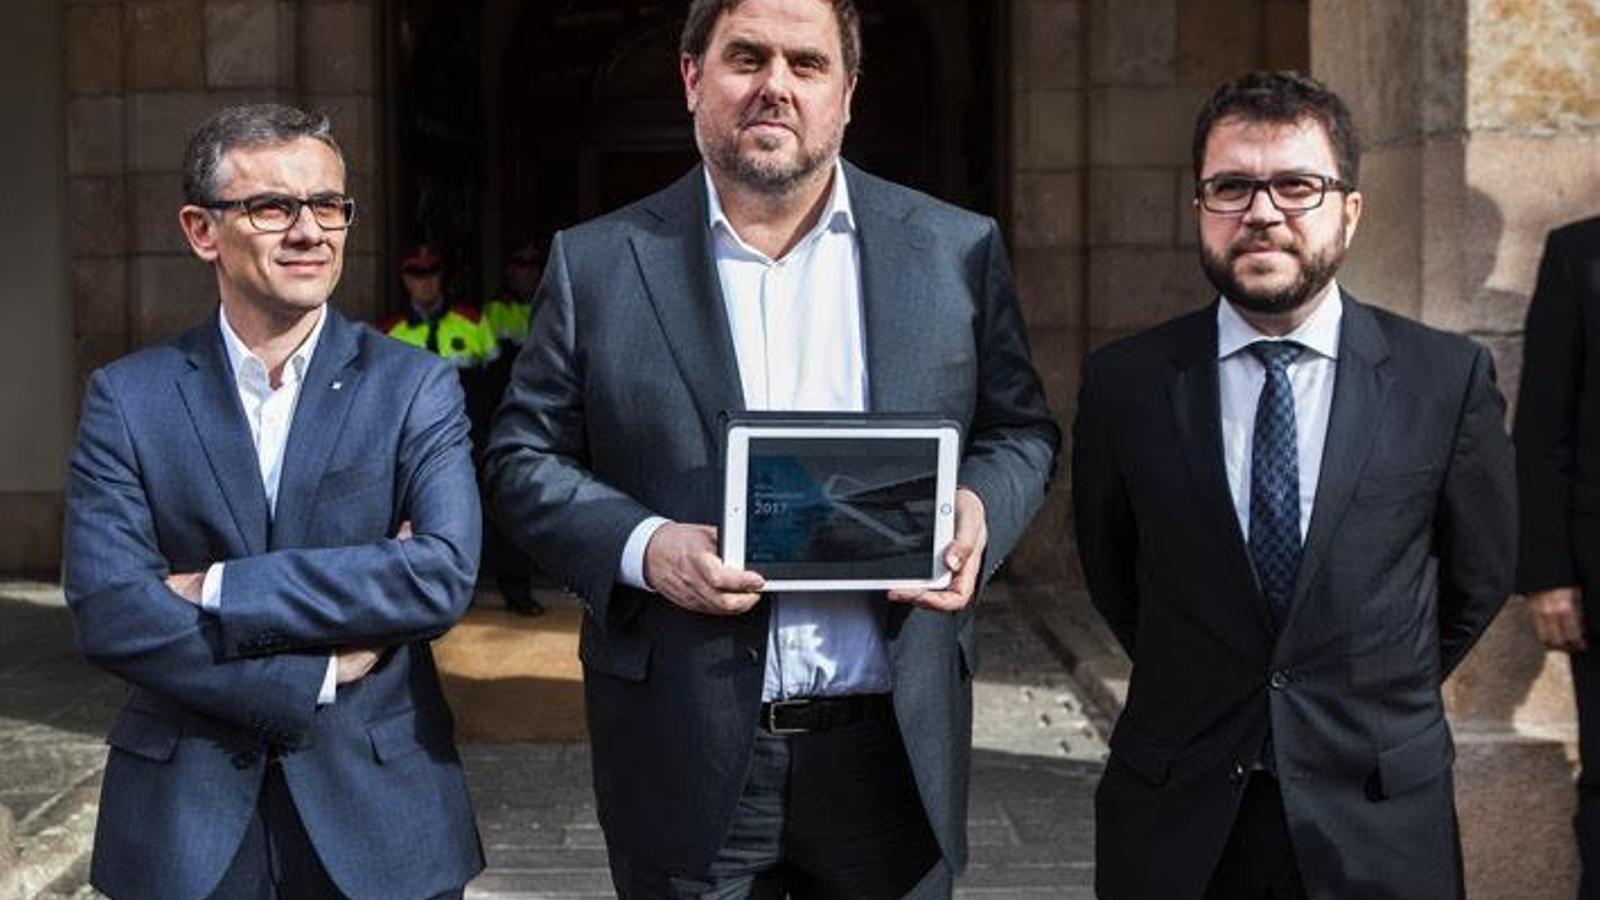 Oriol Junqueras, Josep Maria Jové i Pere Aragonès, instants abans de lliurar els pressupostos a la presidenta del Parlament